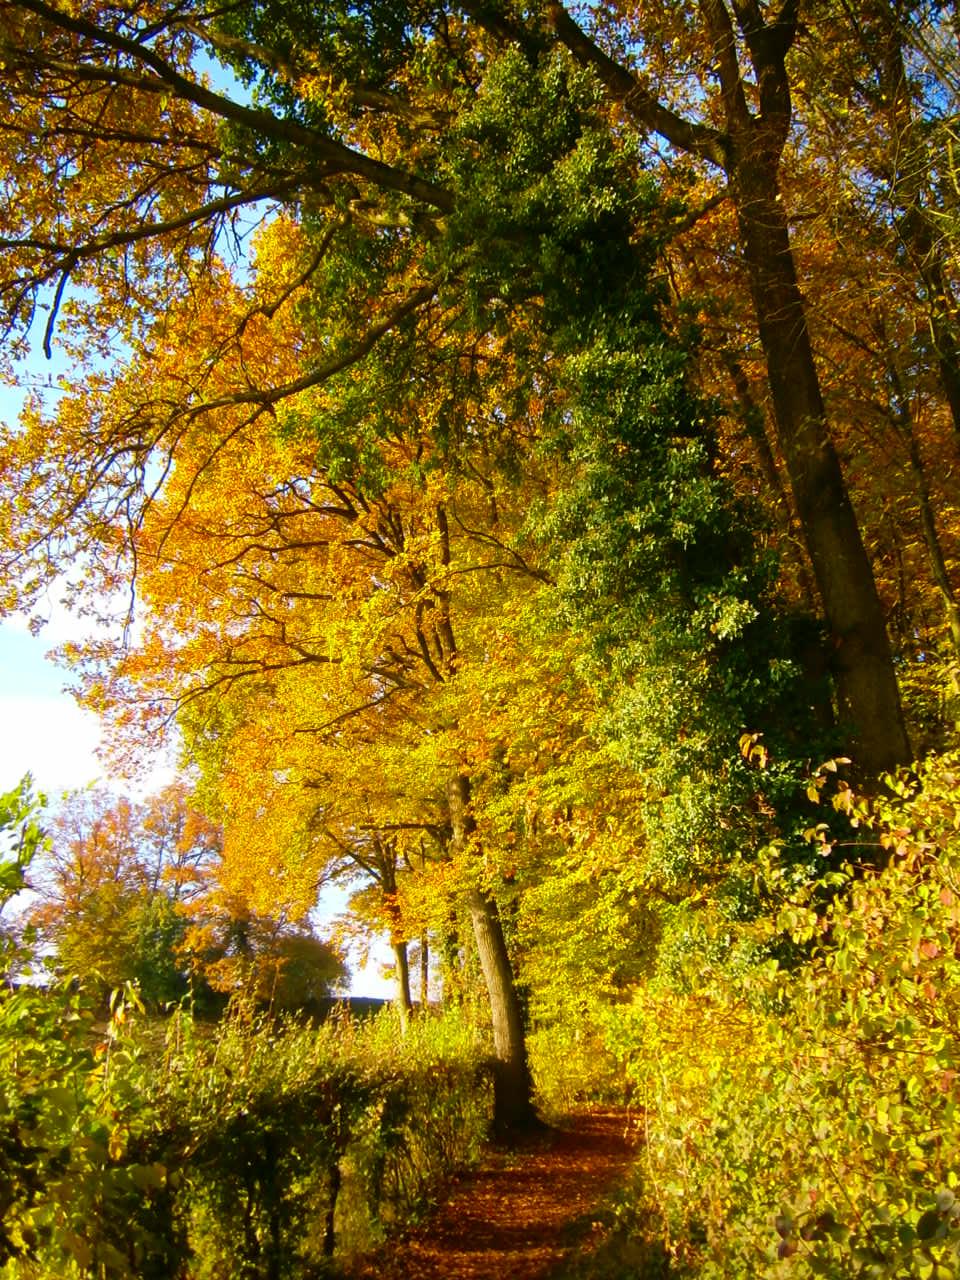 Hortus insectorum Waldweg und Bienenhecke bio honig